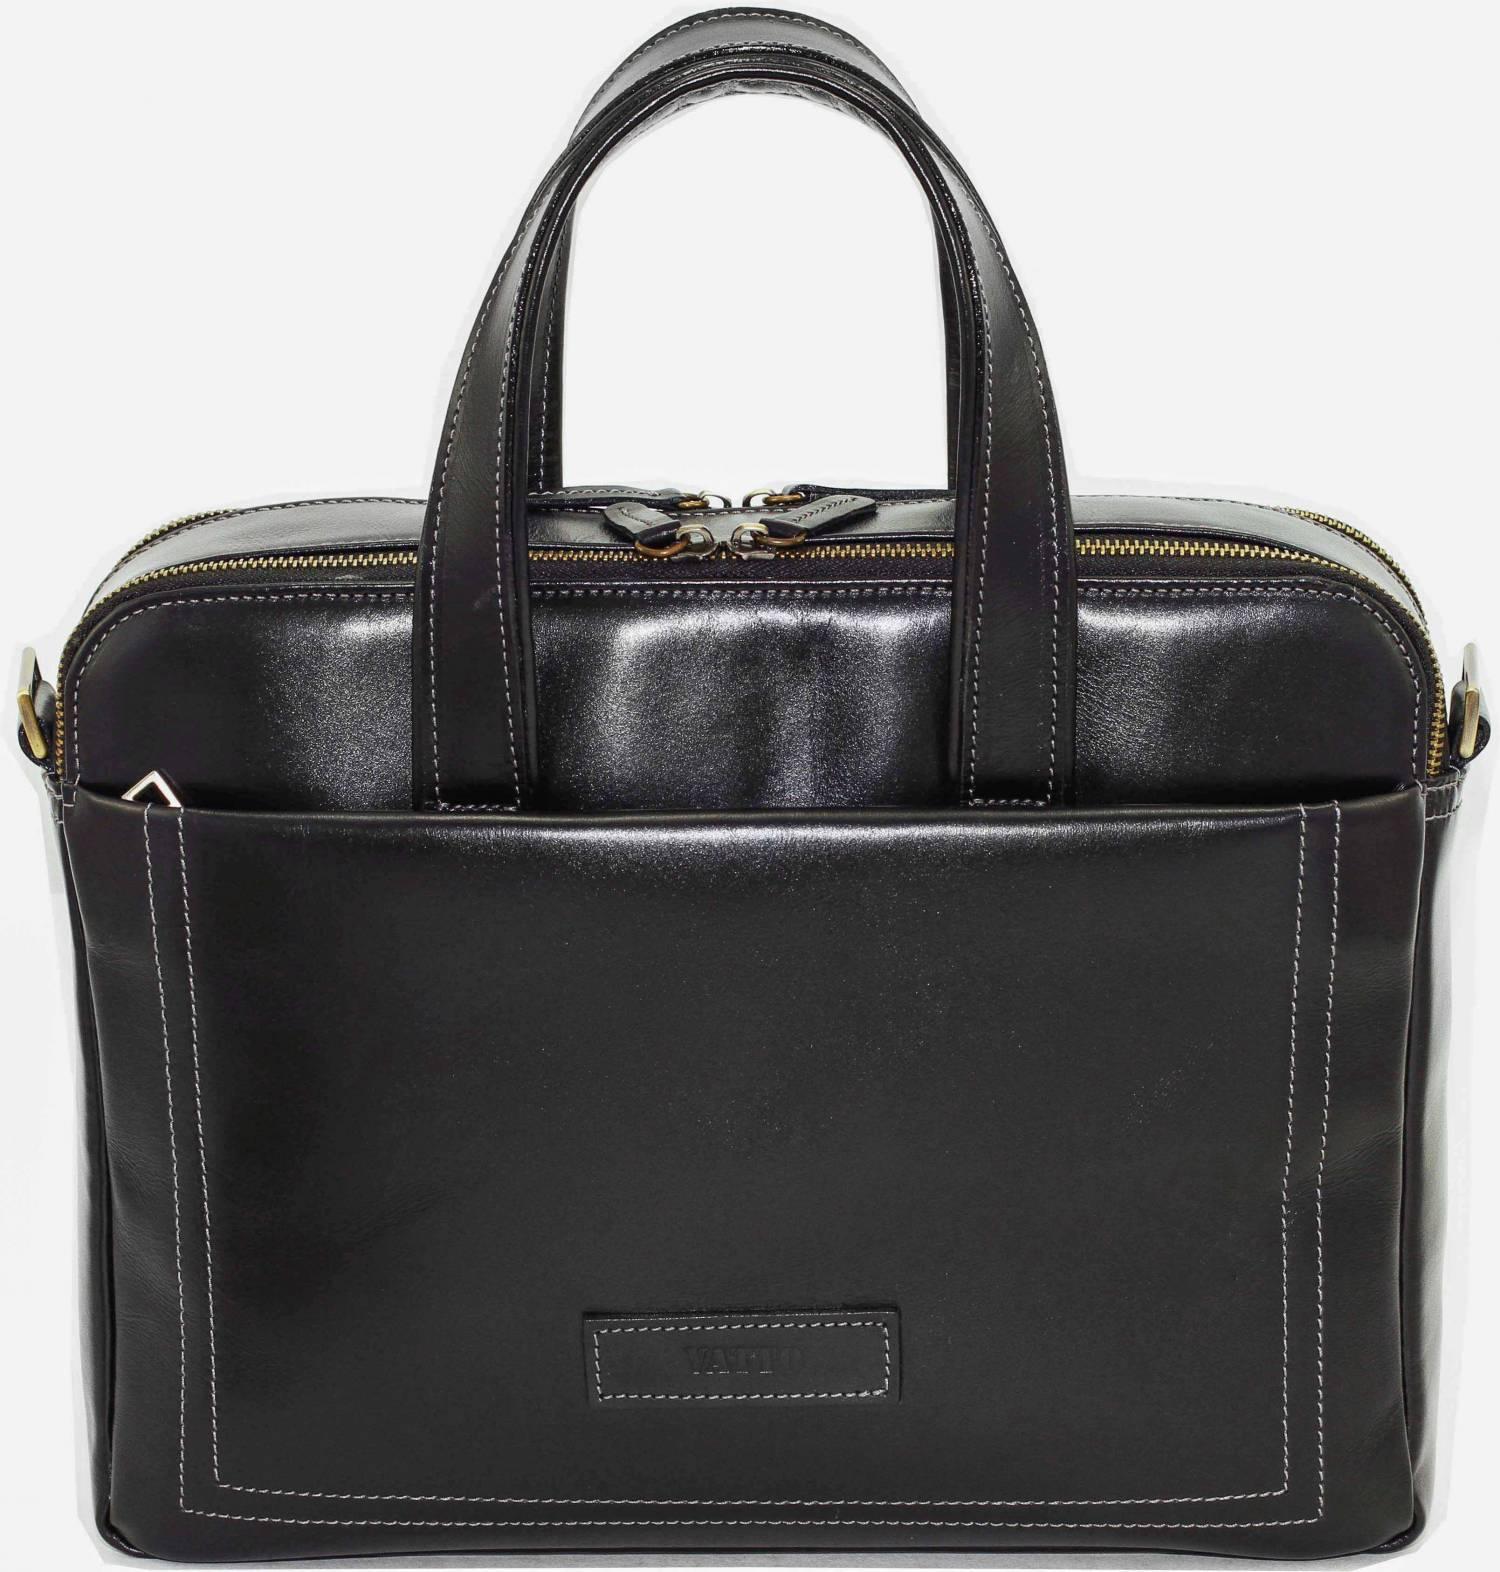 1a0ebb73f9be Мужская сумка VATTO Mk65 Kaz1. Цена, купить Мужская сумка VATTO Mk65 ...